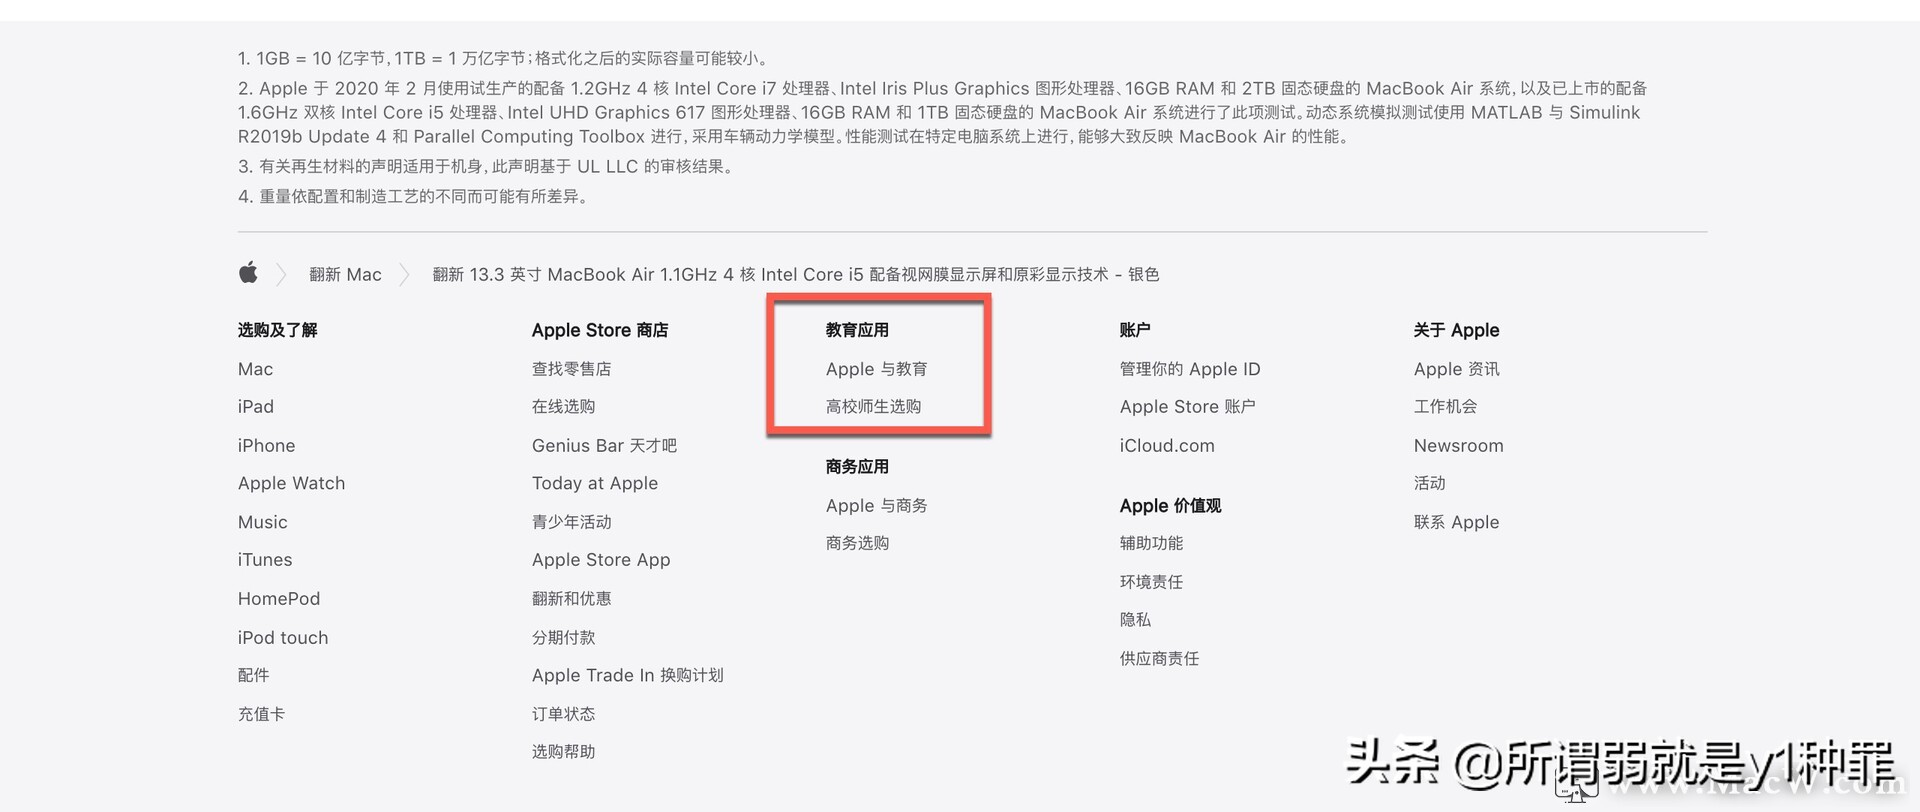 苹果官网教育优惠购买流程(苹果官网)插图2